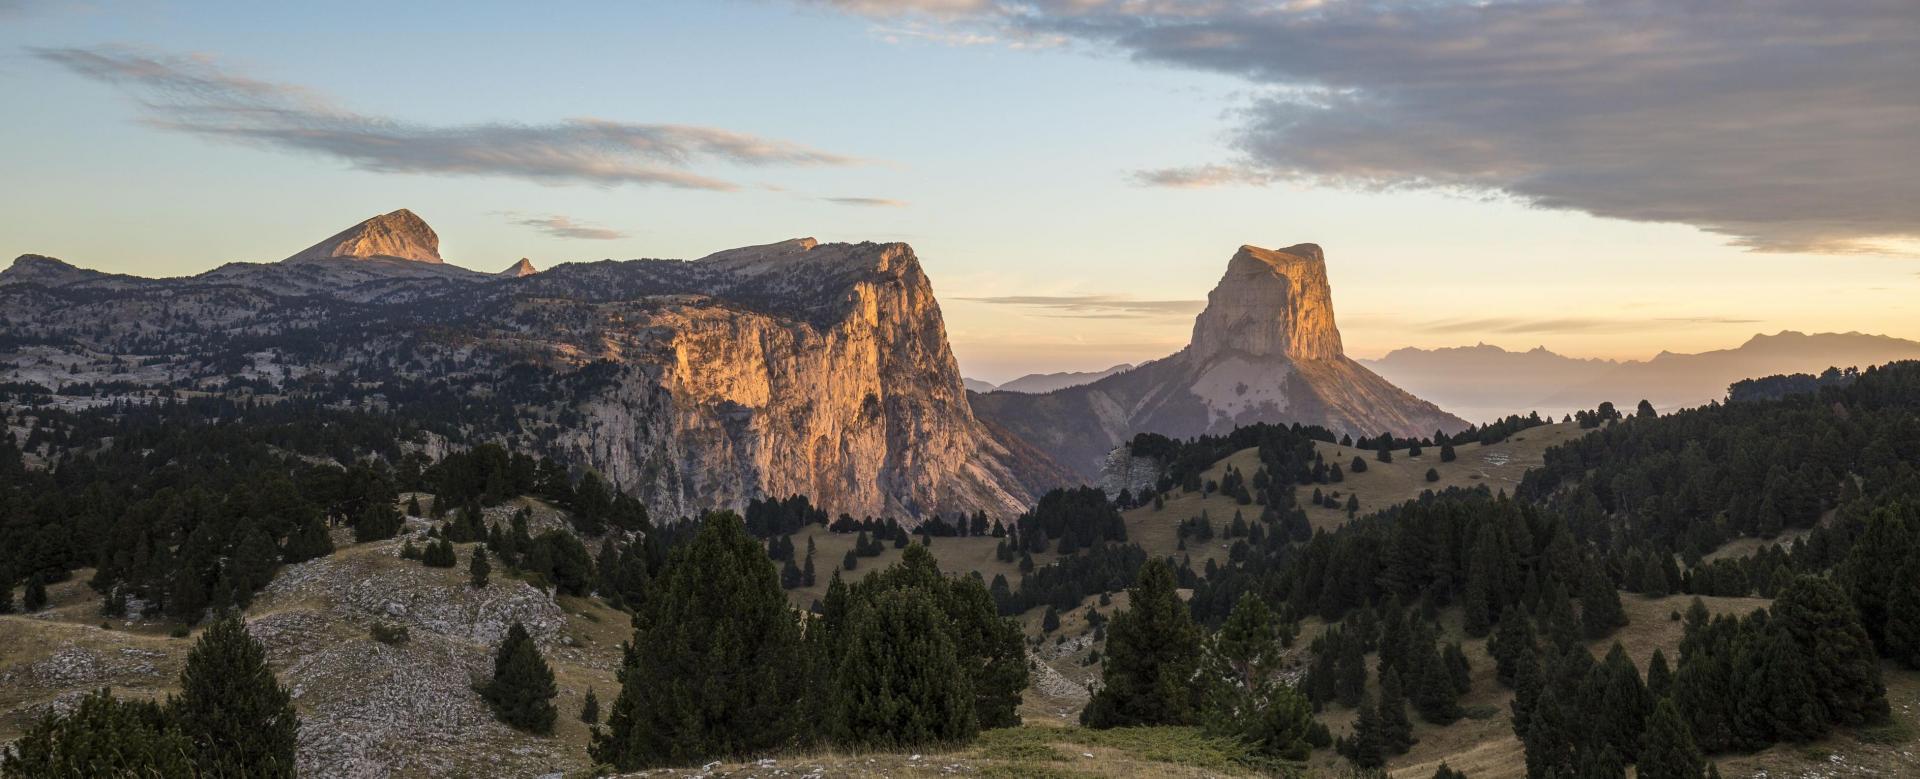 Voyage sur l'eau : Vercors, mont aiguille et trésors du diois